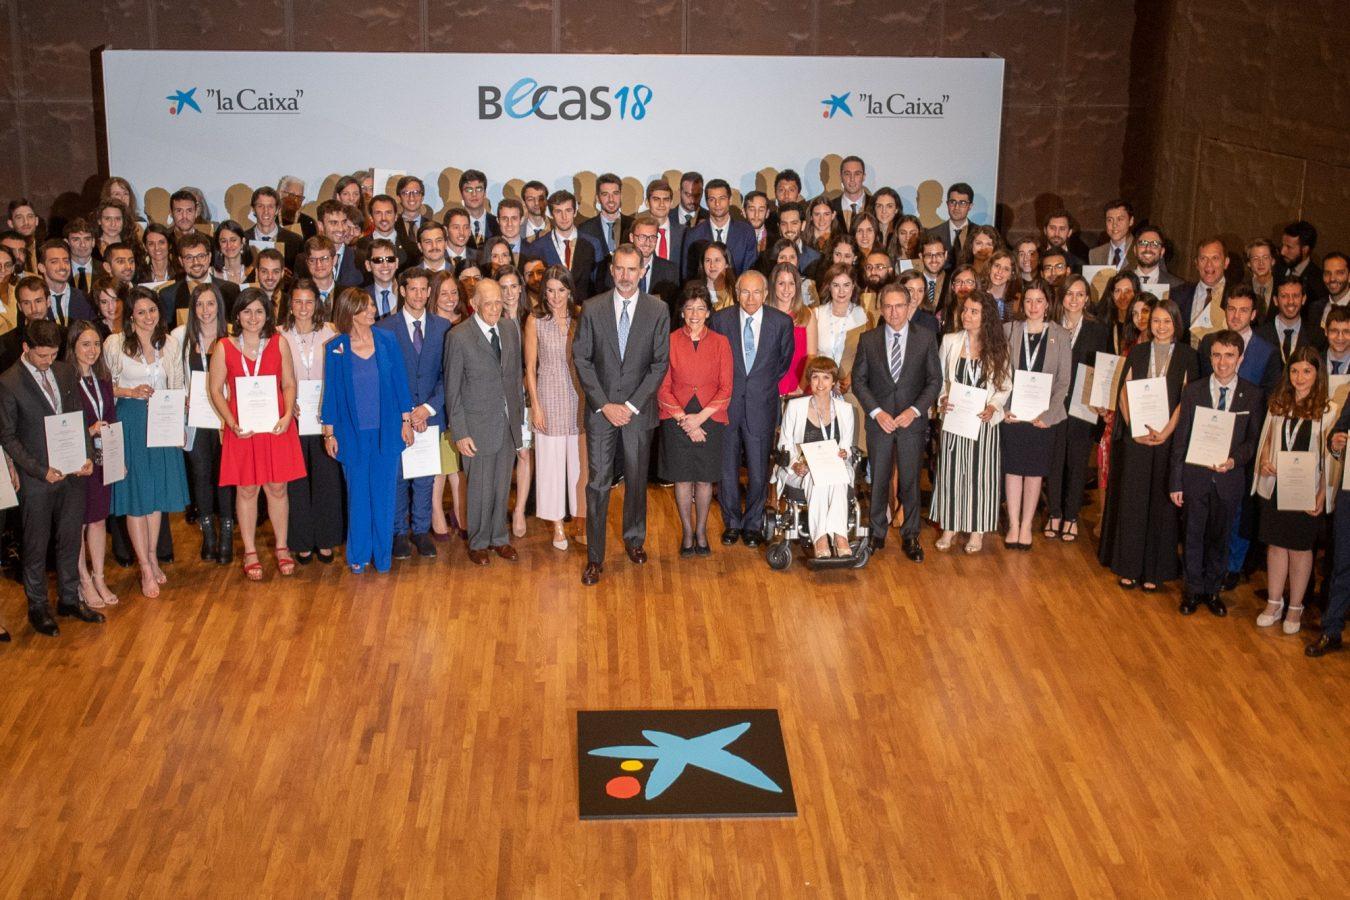 Cuatro asturianos entre los 120 becados por La Caixa para cursar estudios de posgrado en el extranjero